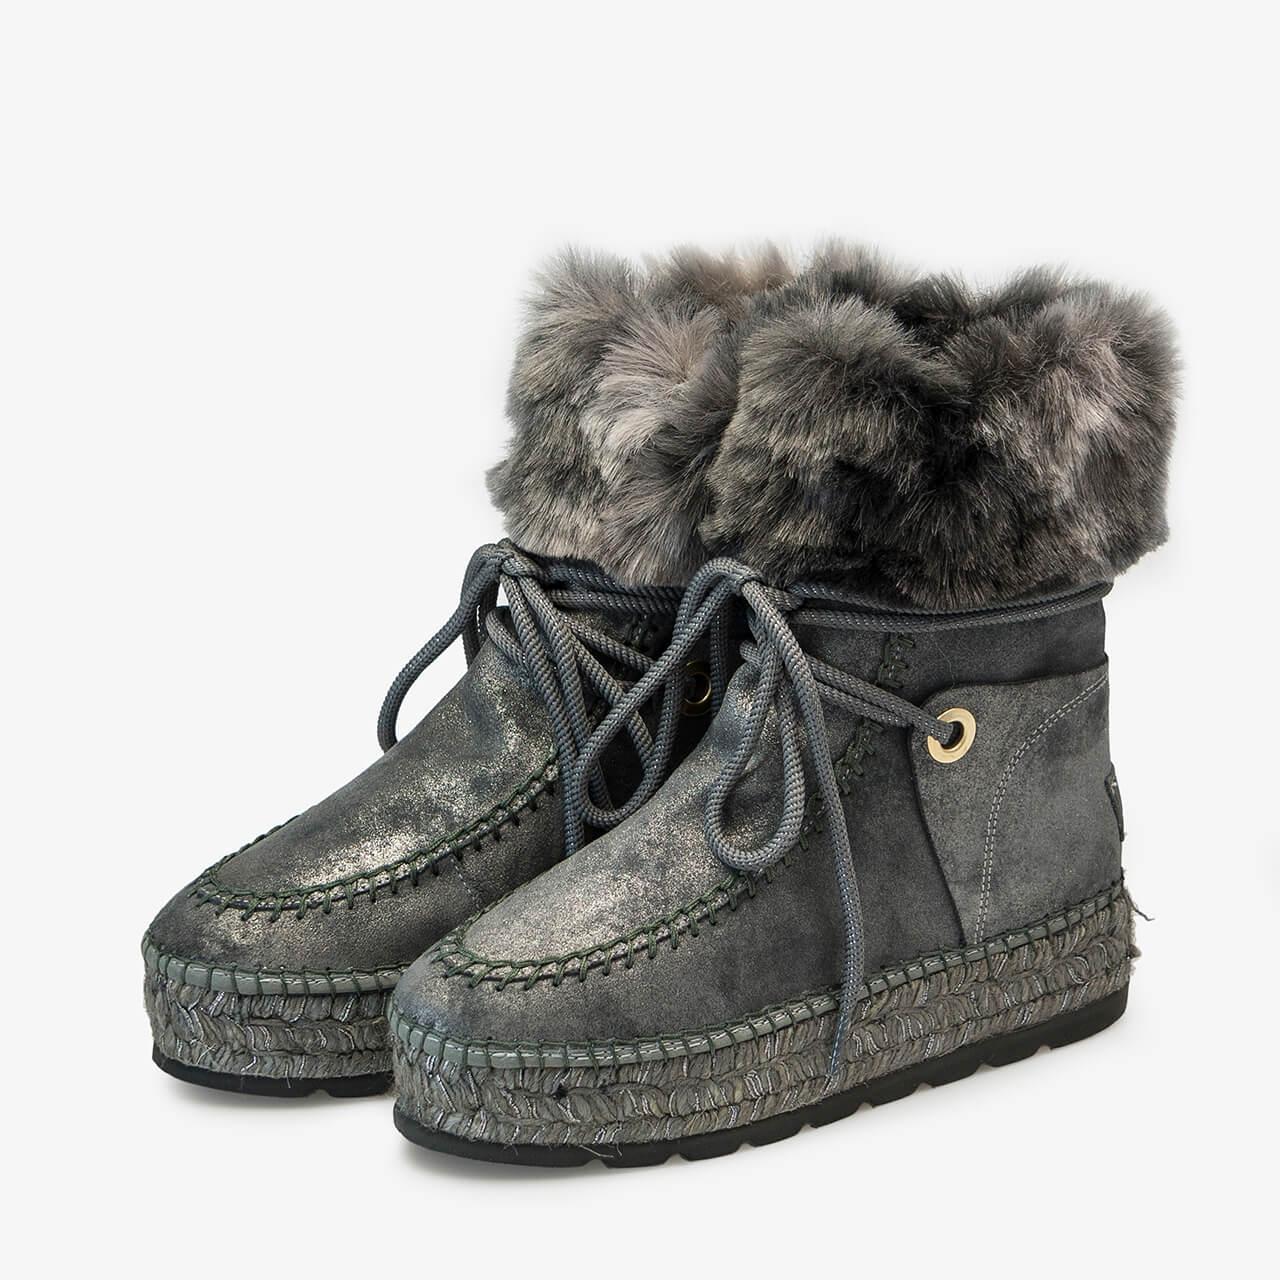 botas mujer - Ítem1